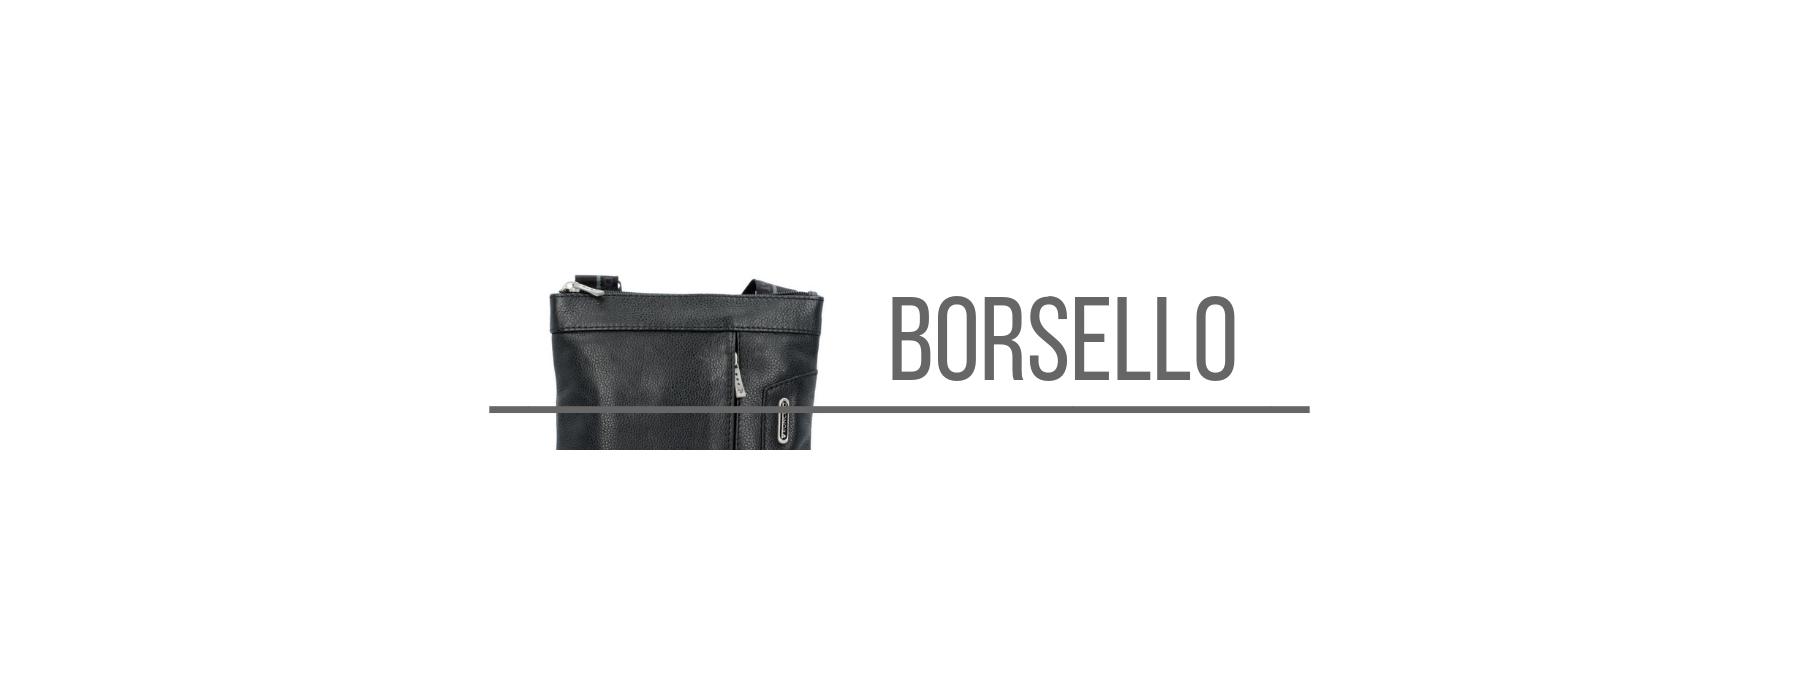 Borsello